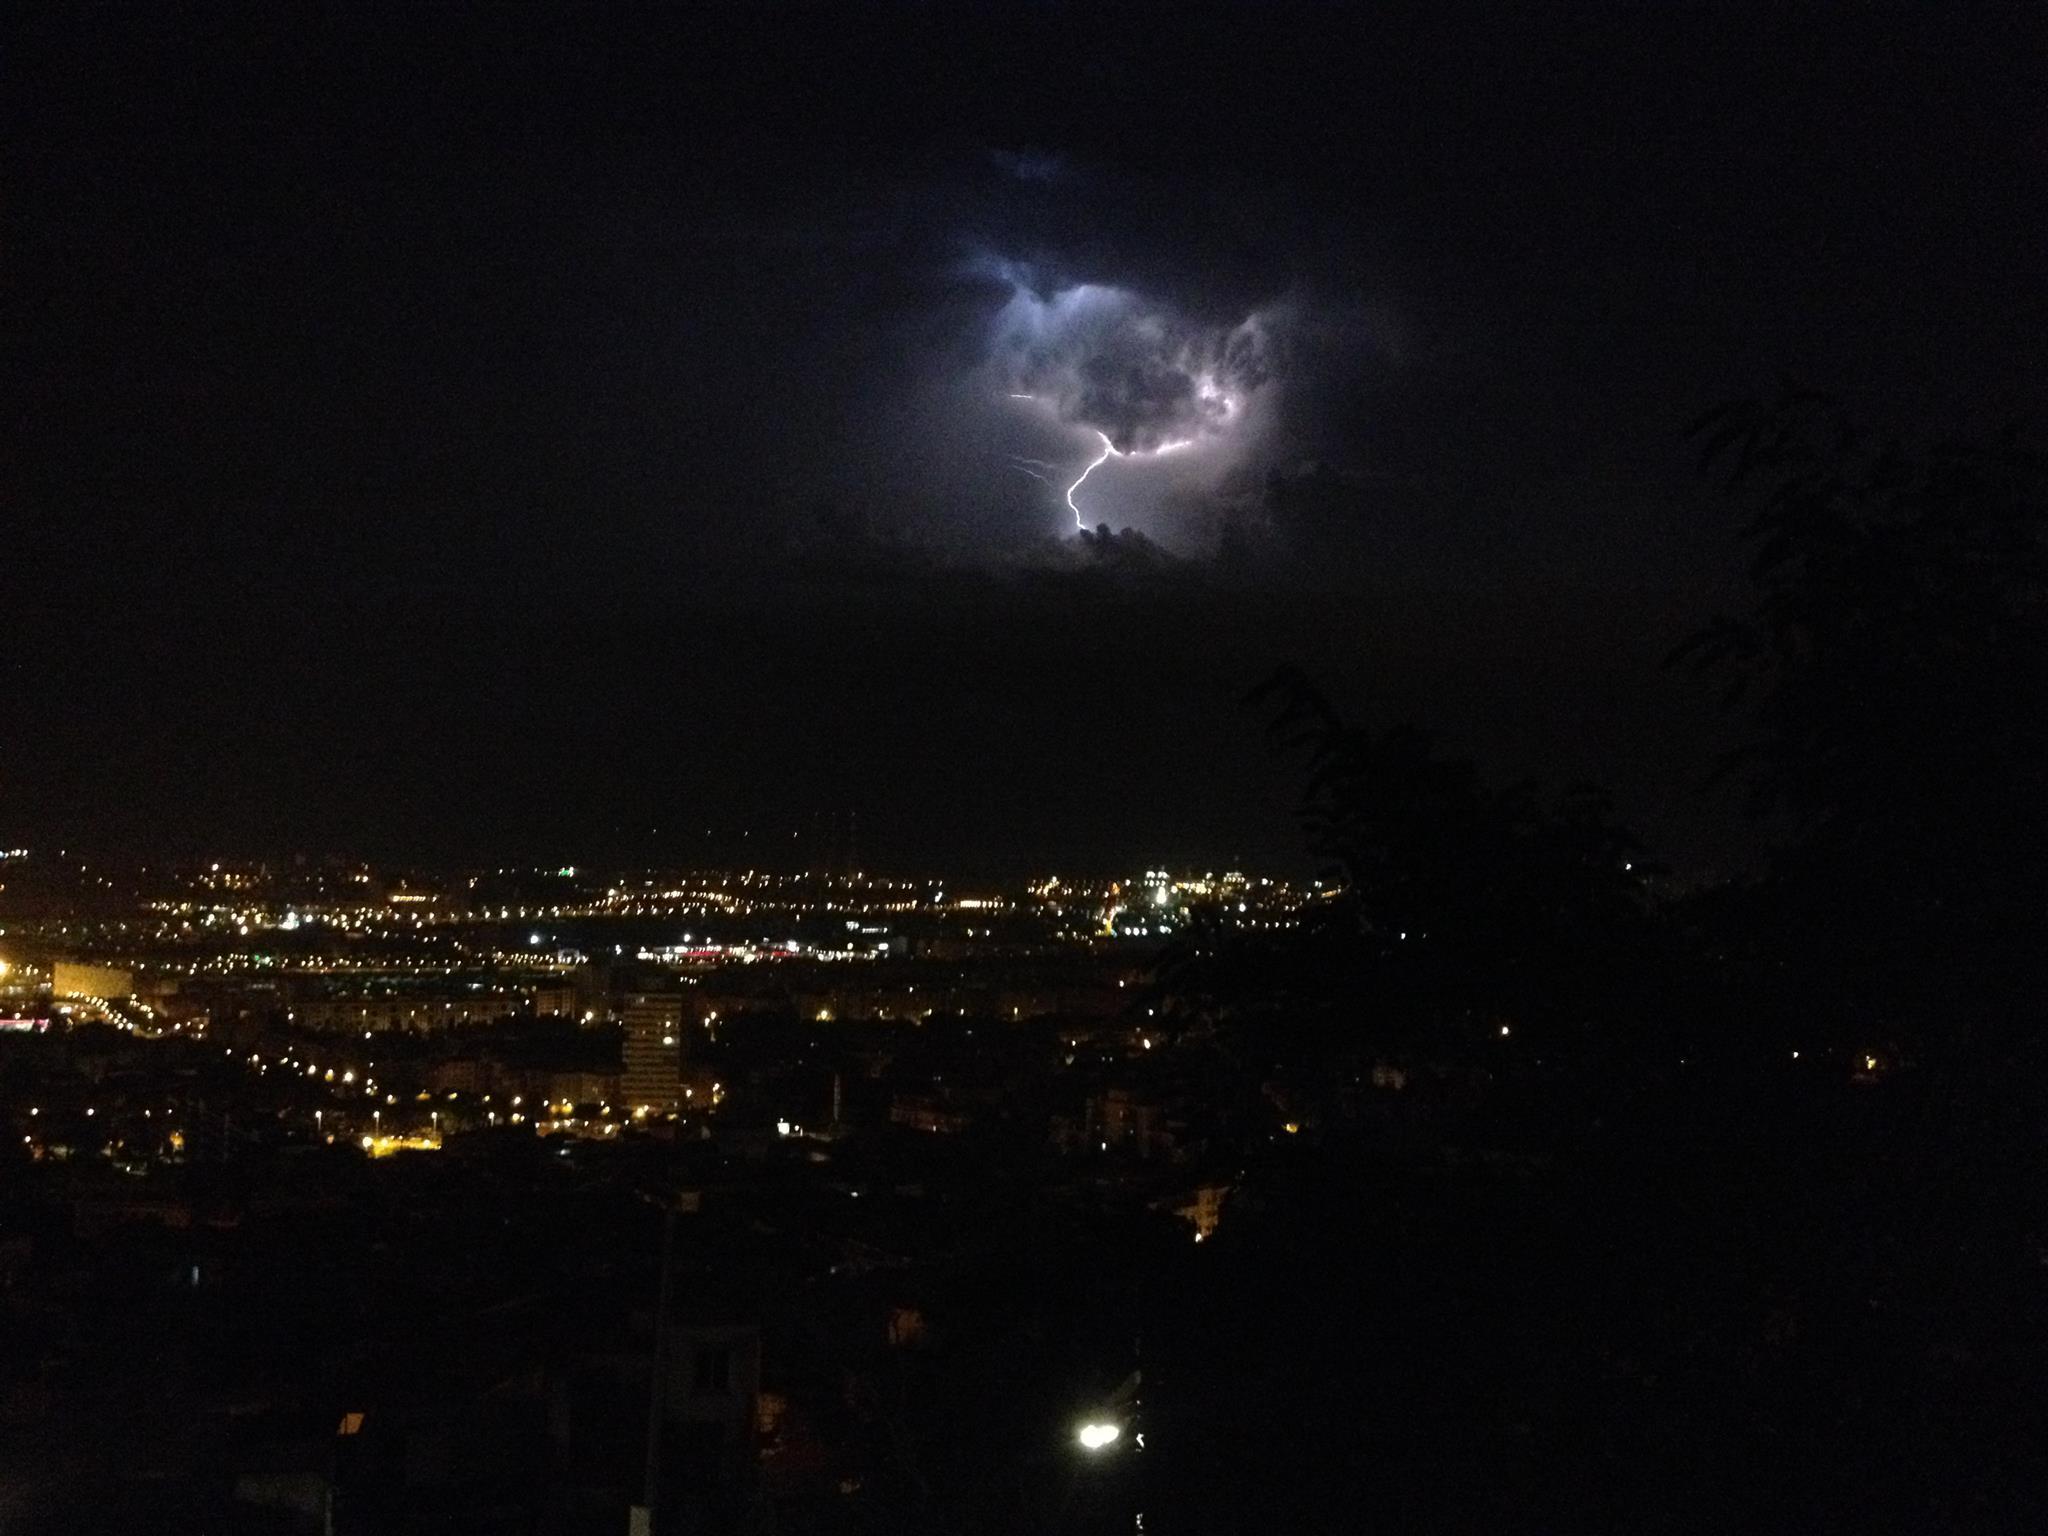 Минувшей ночью пожарные Барселоны совершили 180 выездов в связи с сильными ливнями и штормом